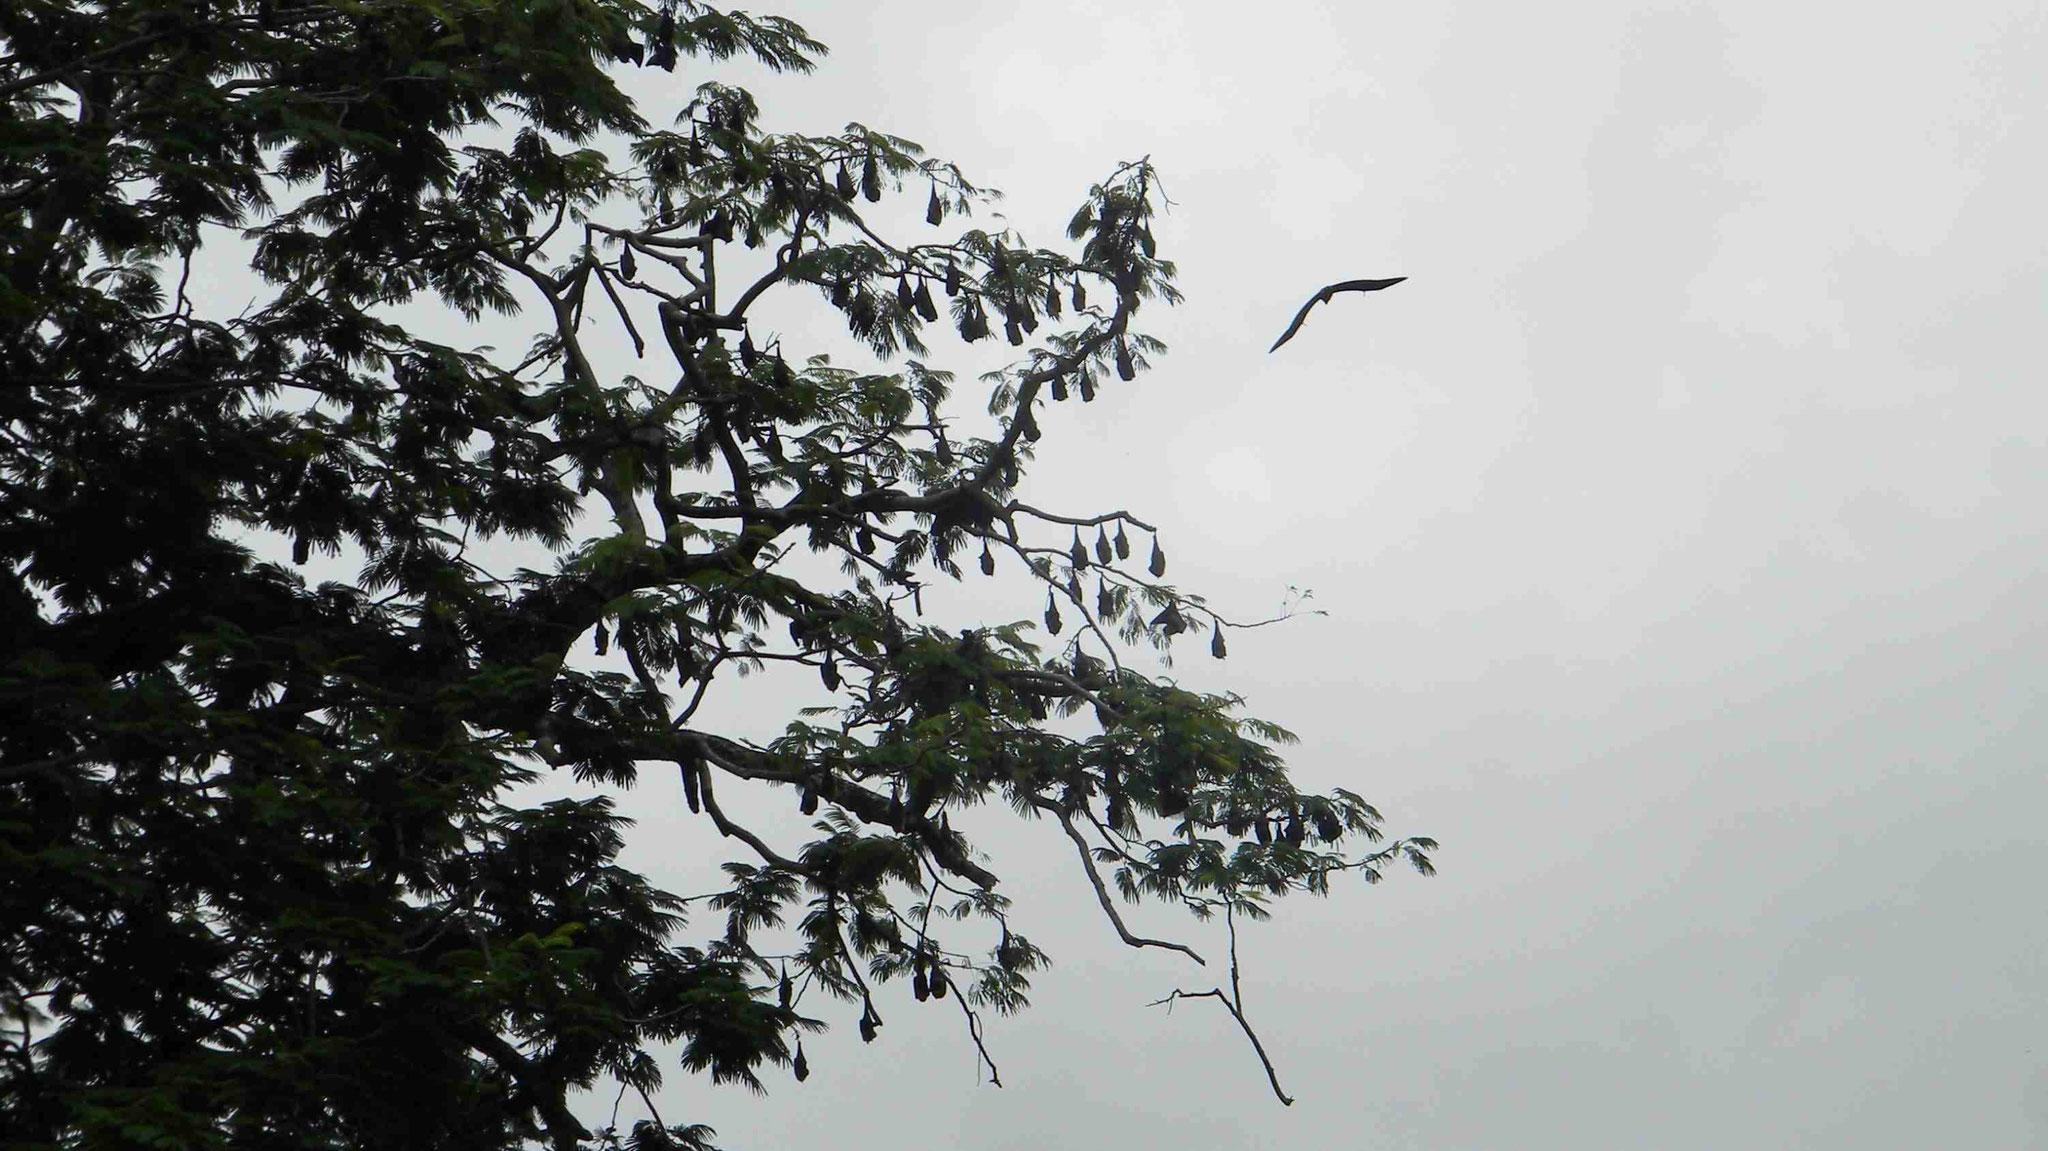 Botanischer Garten - Flughunde